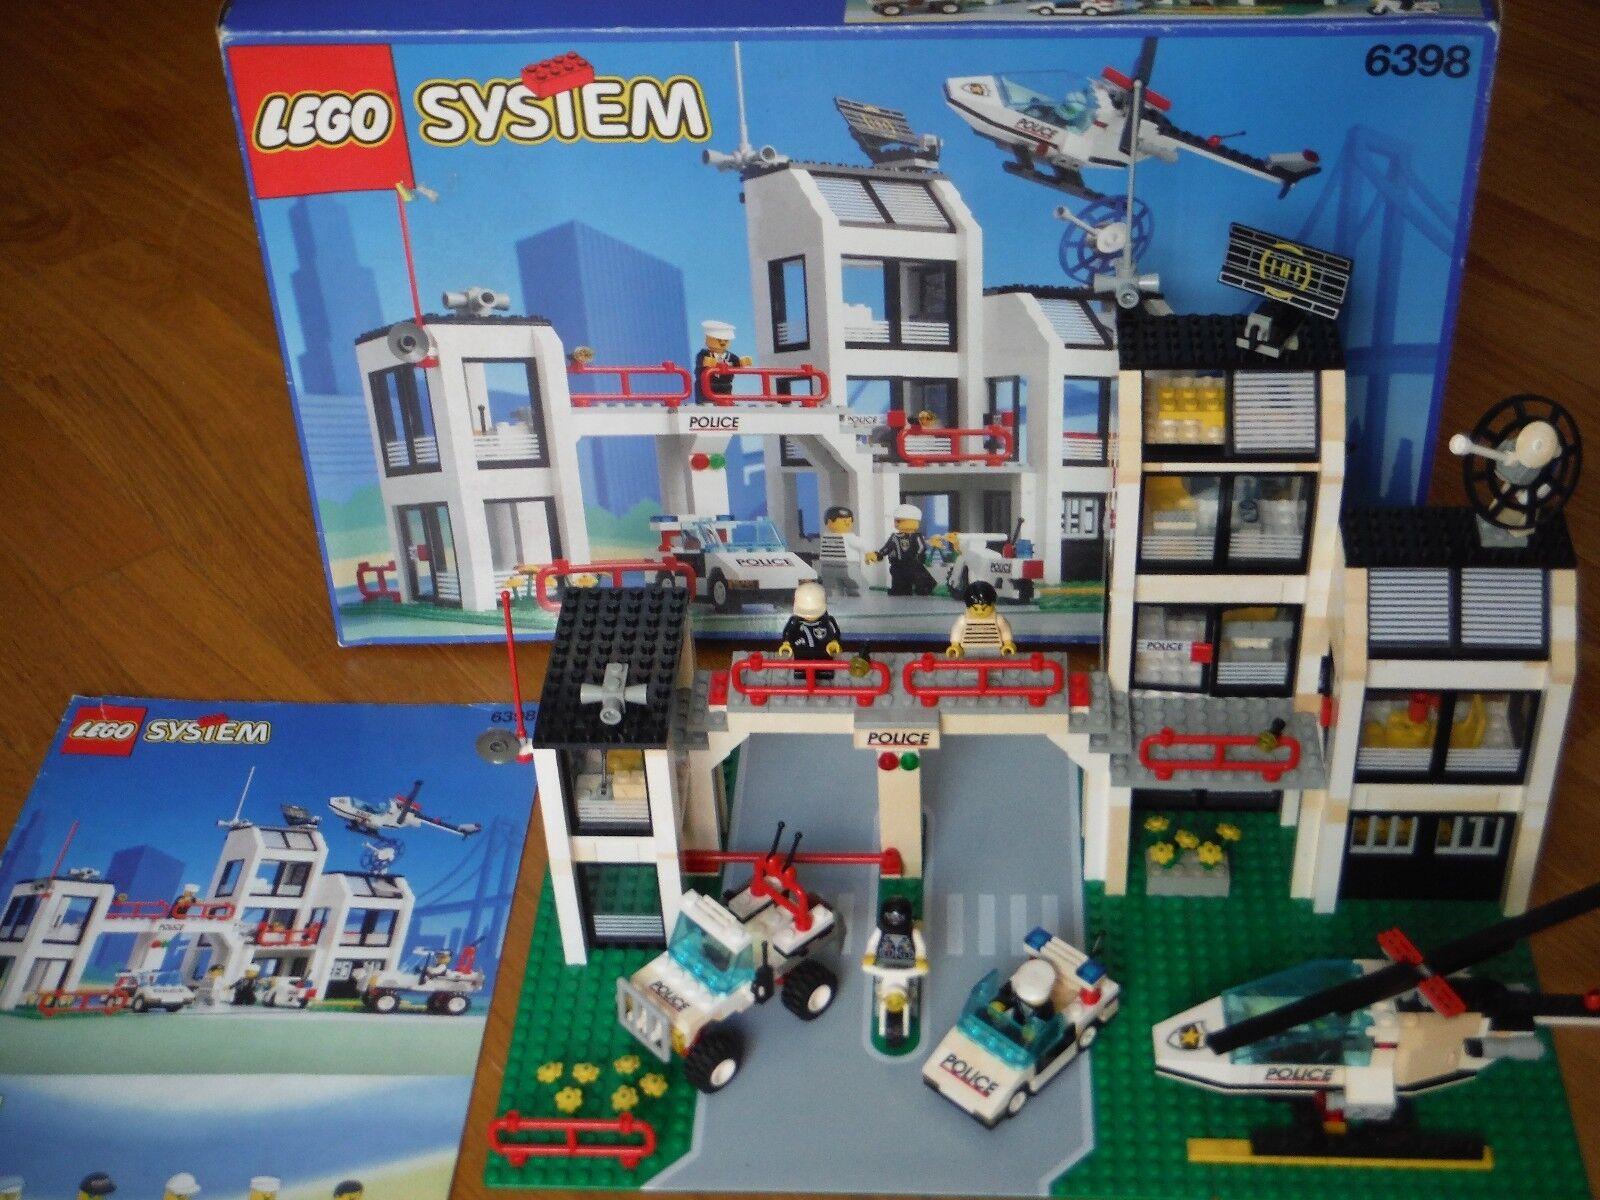 SET LEGO 6398 STAZIONE POLICE - COMPLETO 100% - RARITA' ANNO 1994